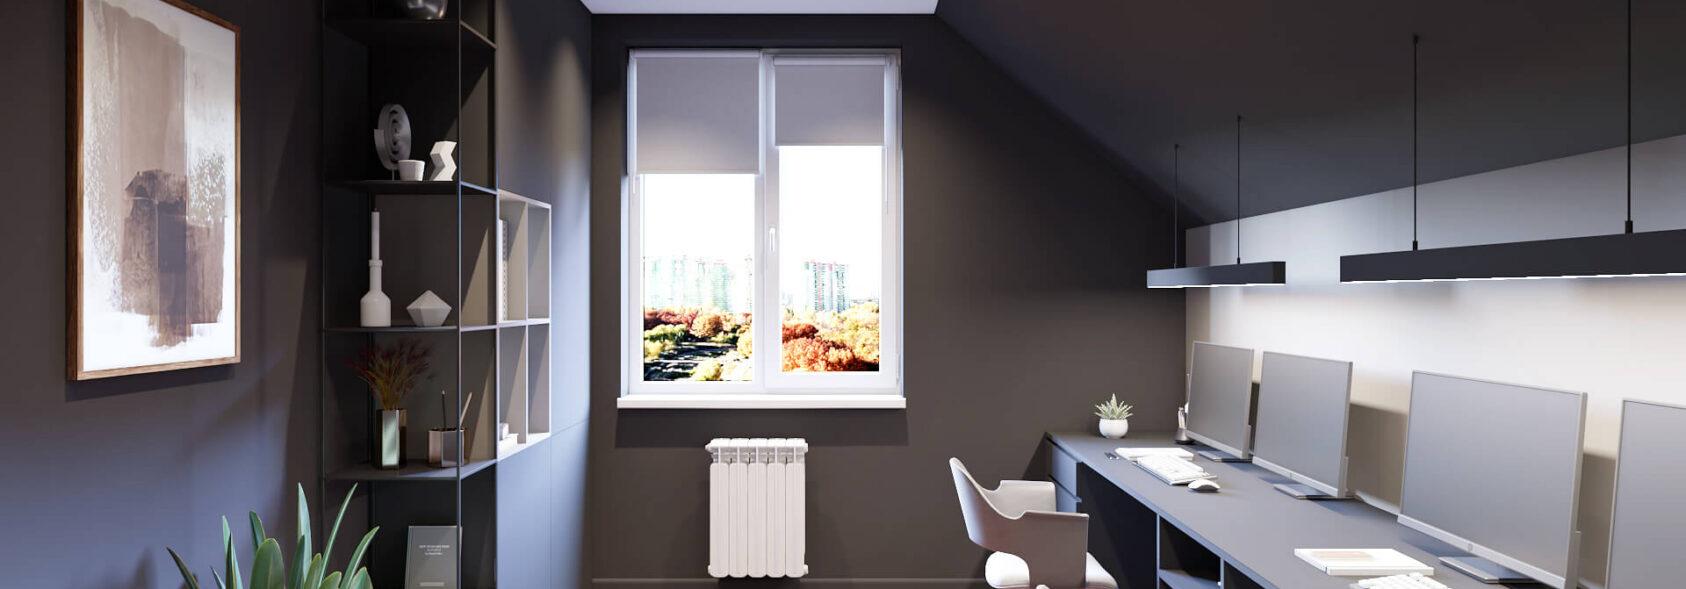 Дизайн дома Балабино домашний кабинет